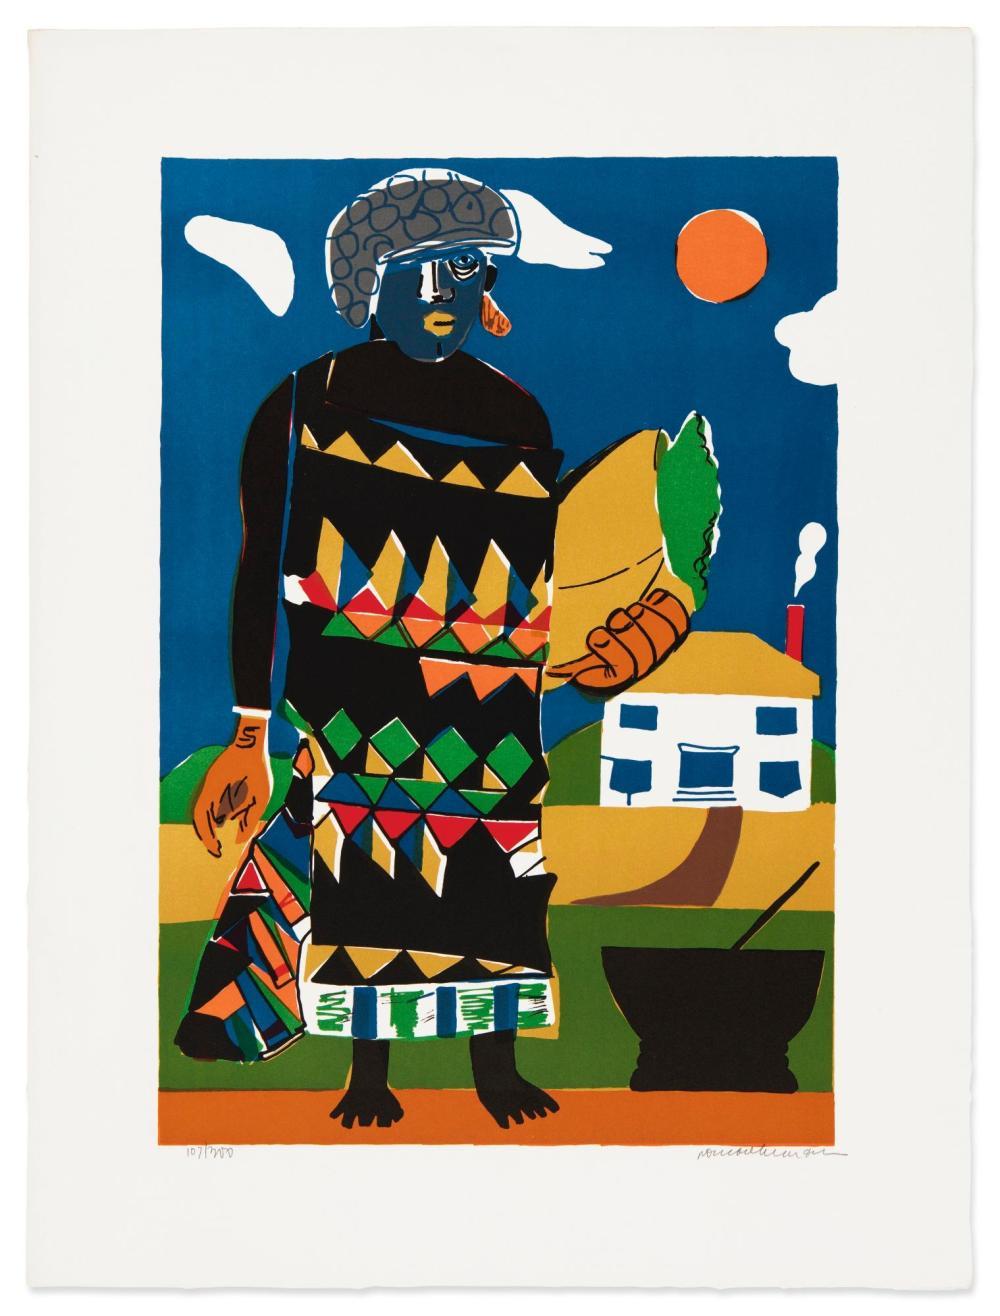 ROMARE BEARDEN (1911 - 1988) | Pilate (Misty Island) (Gelburd/Rosenberg 80)